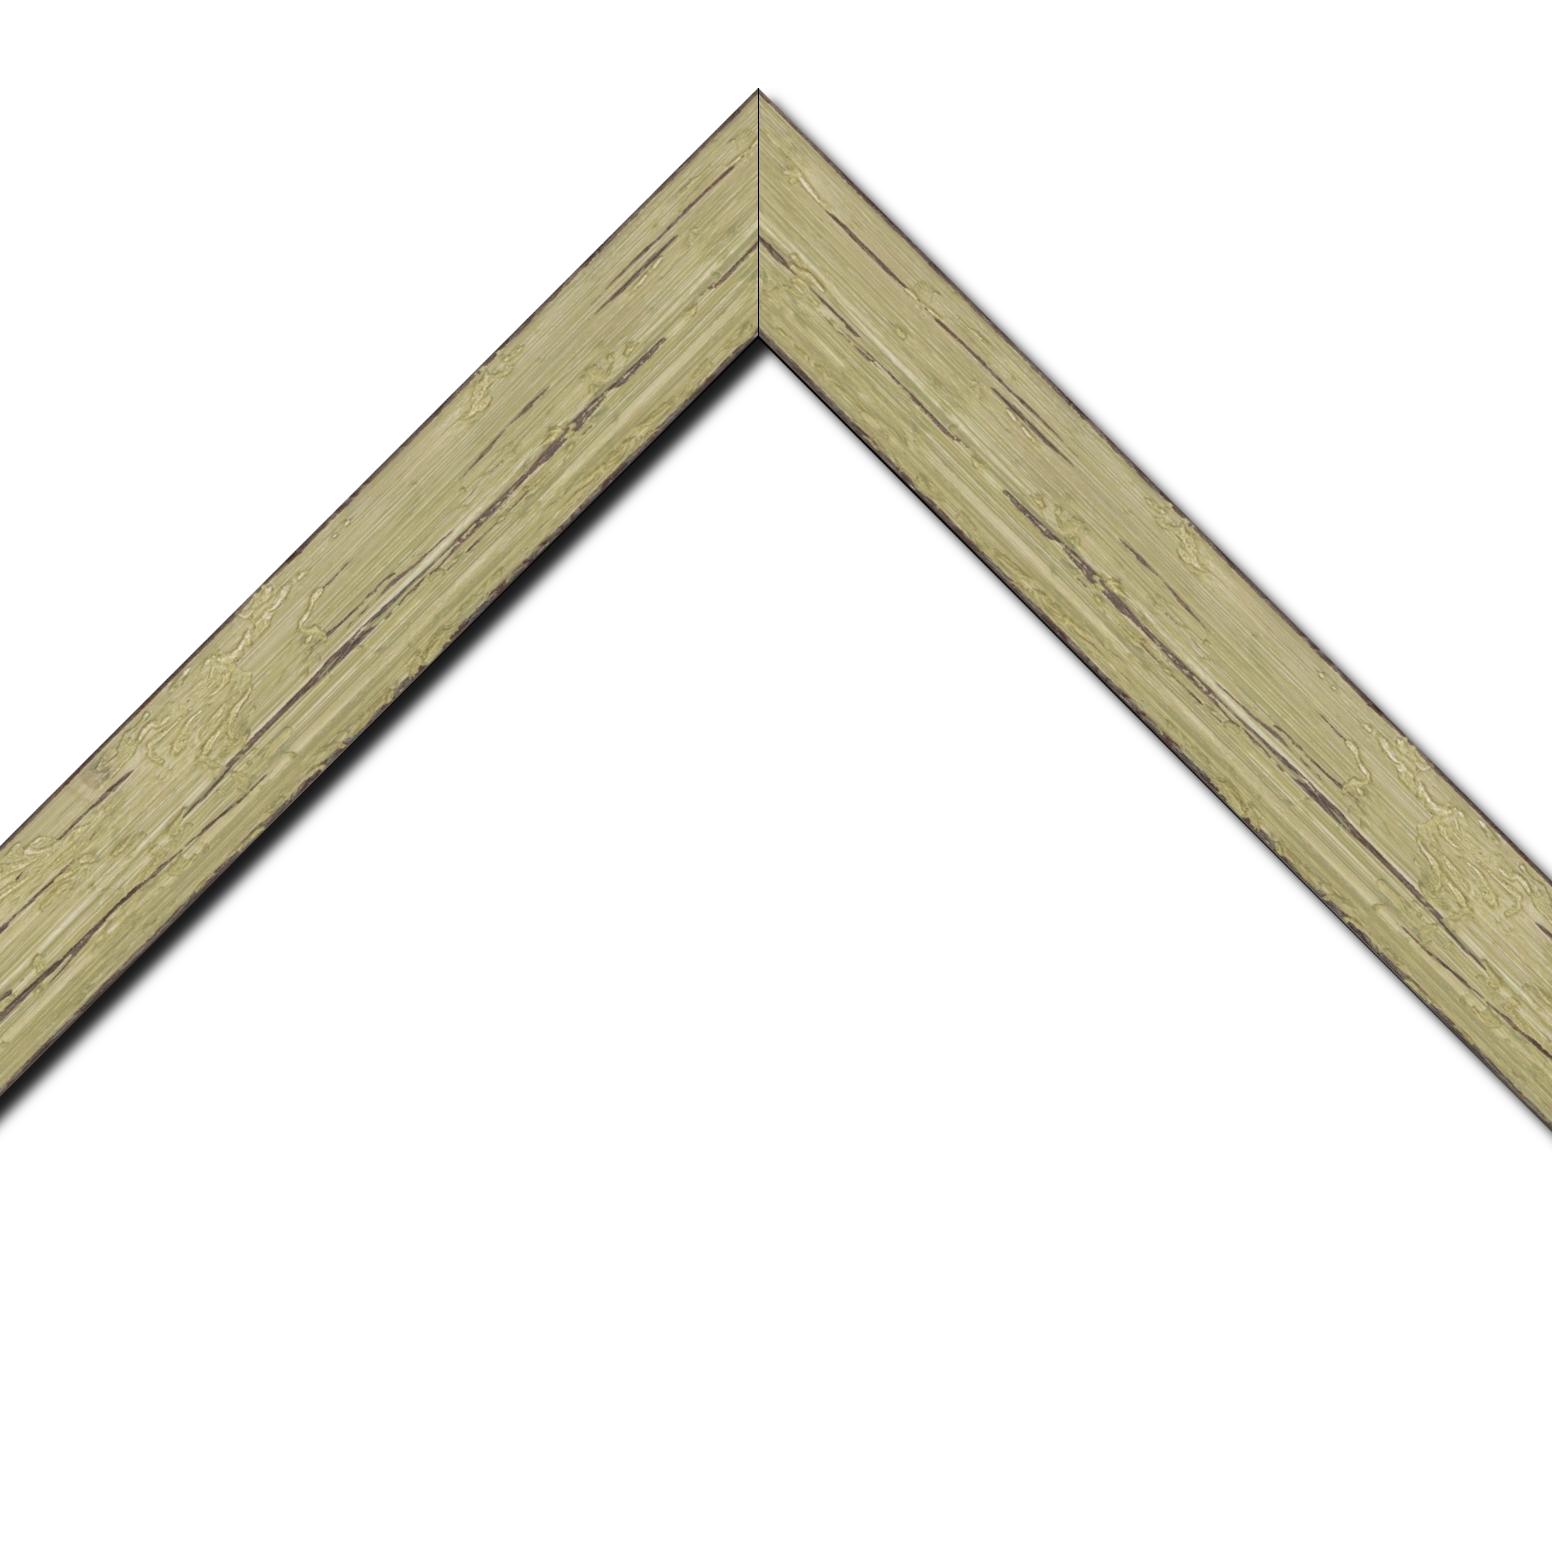 Baguette bois profil plat largeur 4.3cm couleur vert délavé finition aspect vieilli antique